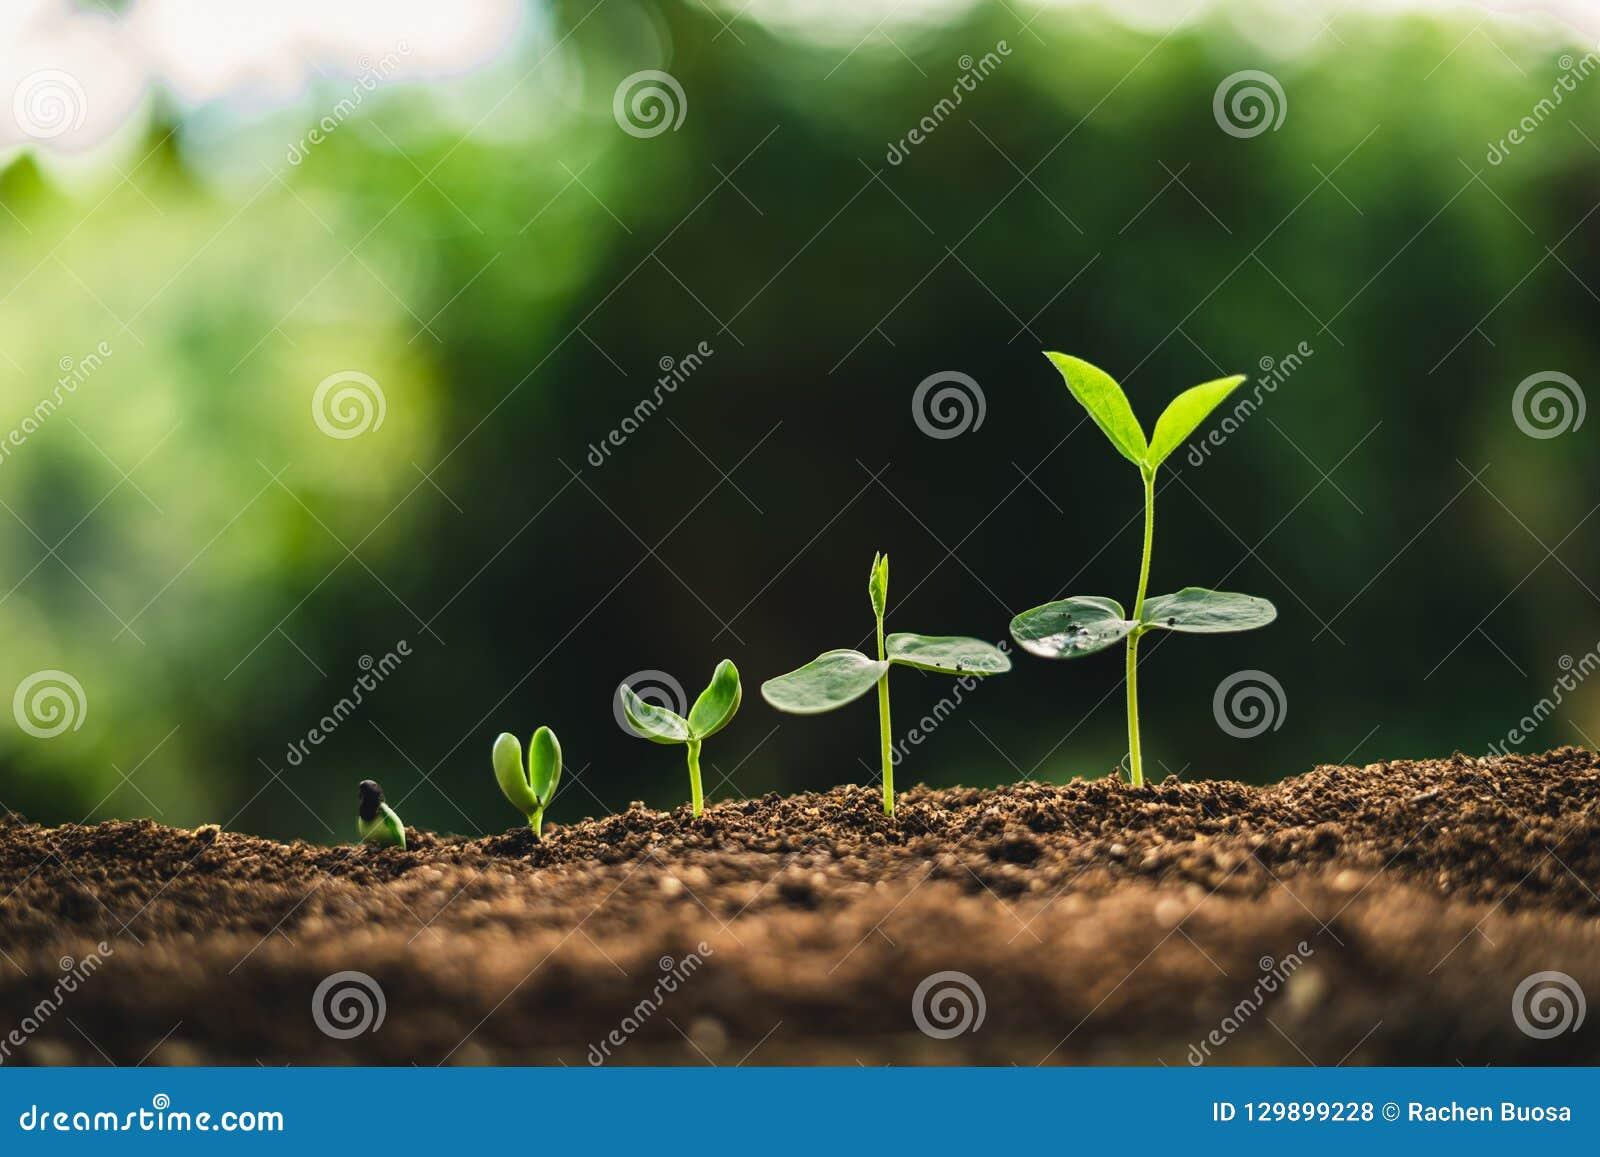 Pianti la crescita degli alberi di piantatura di semi, i semi stanno germinando sui suoli di buona qualità in natura